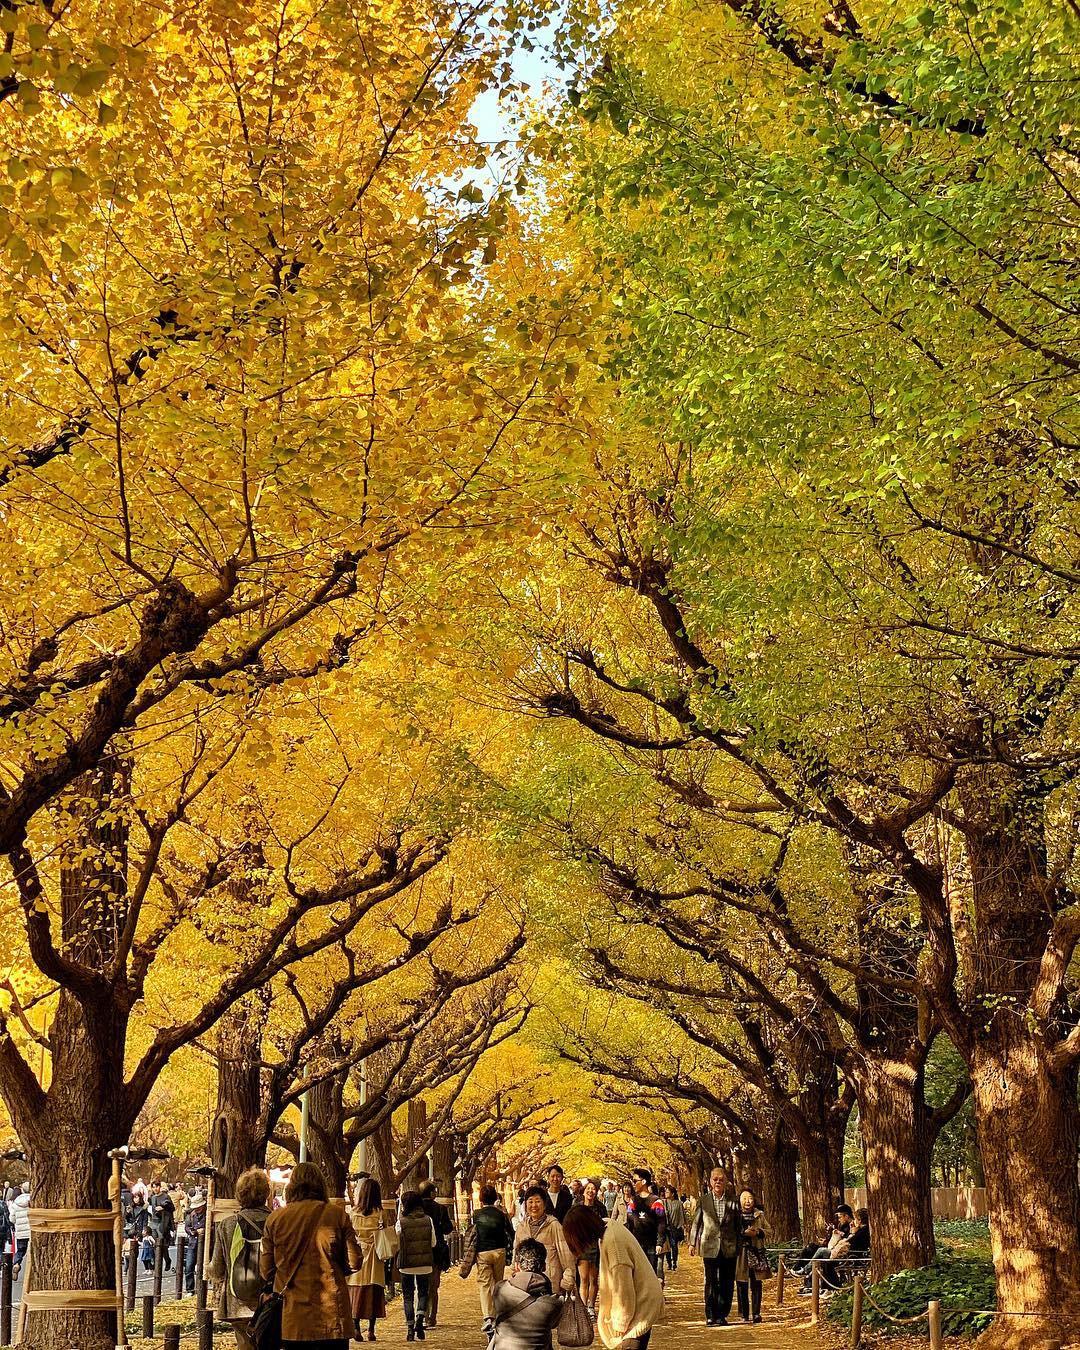 7 điểm ngắm lá mùa thu đẹp nhất Nhật Bản - Ảnh 4.